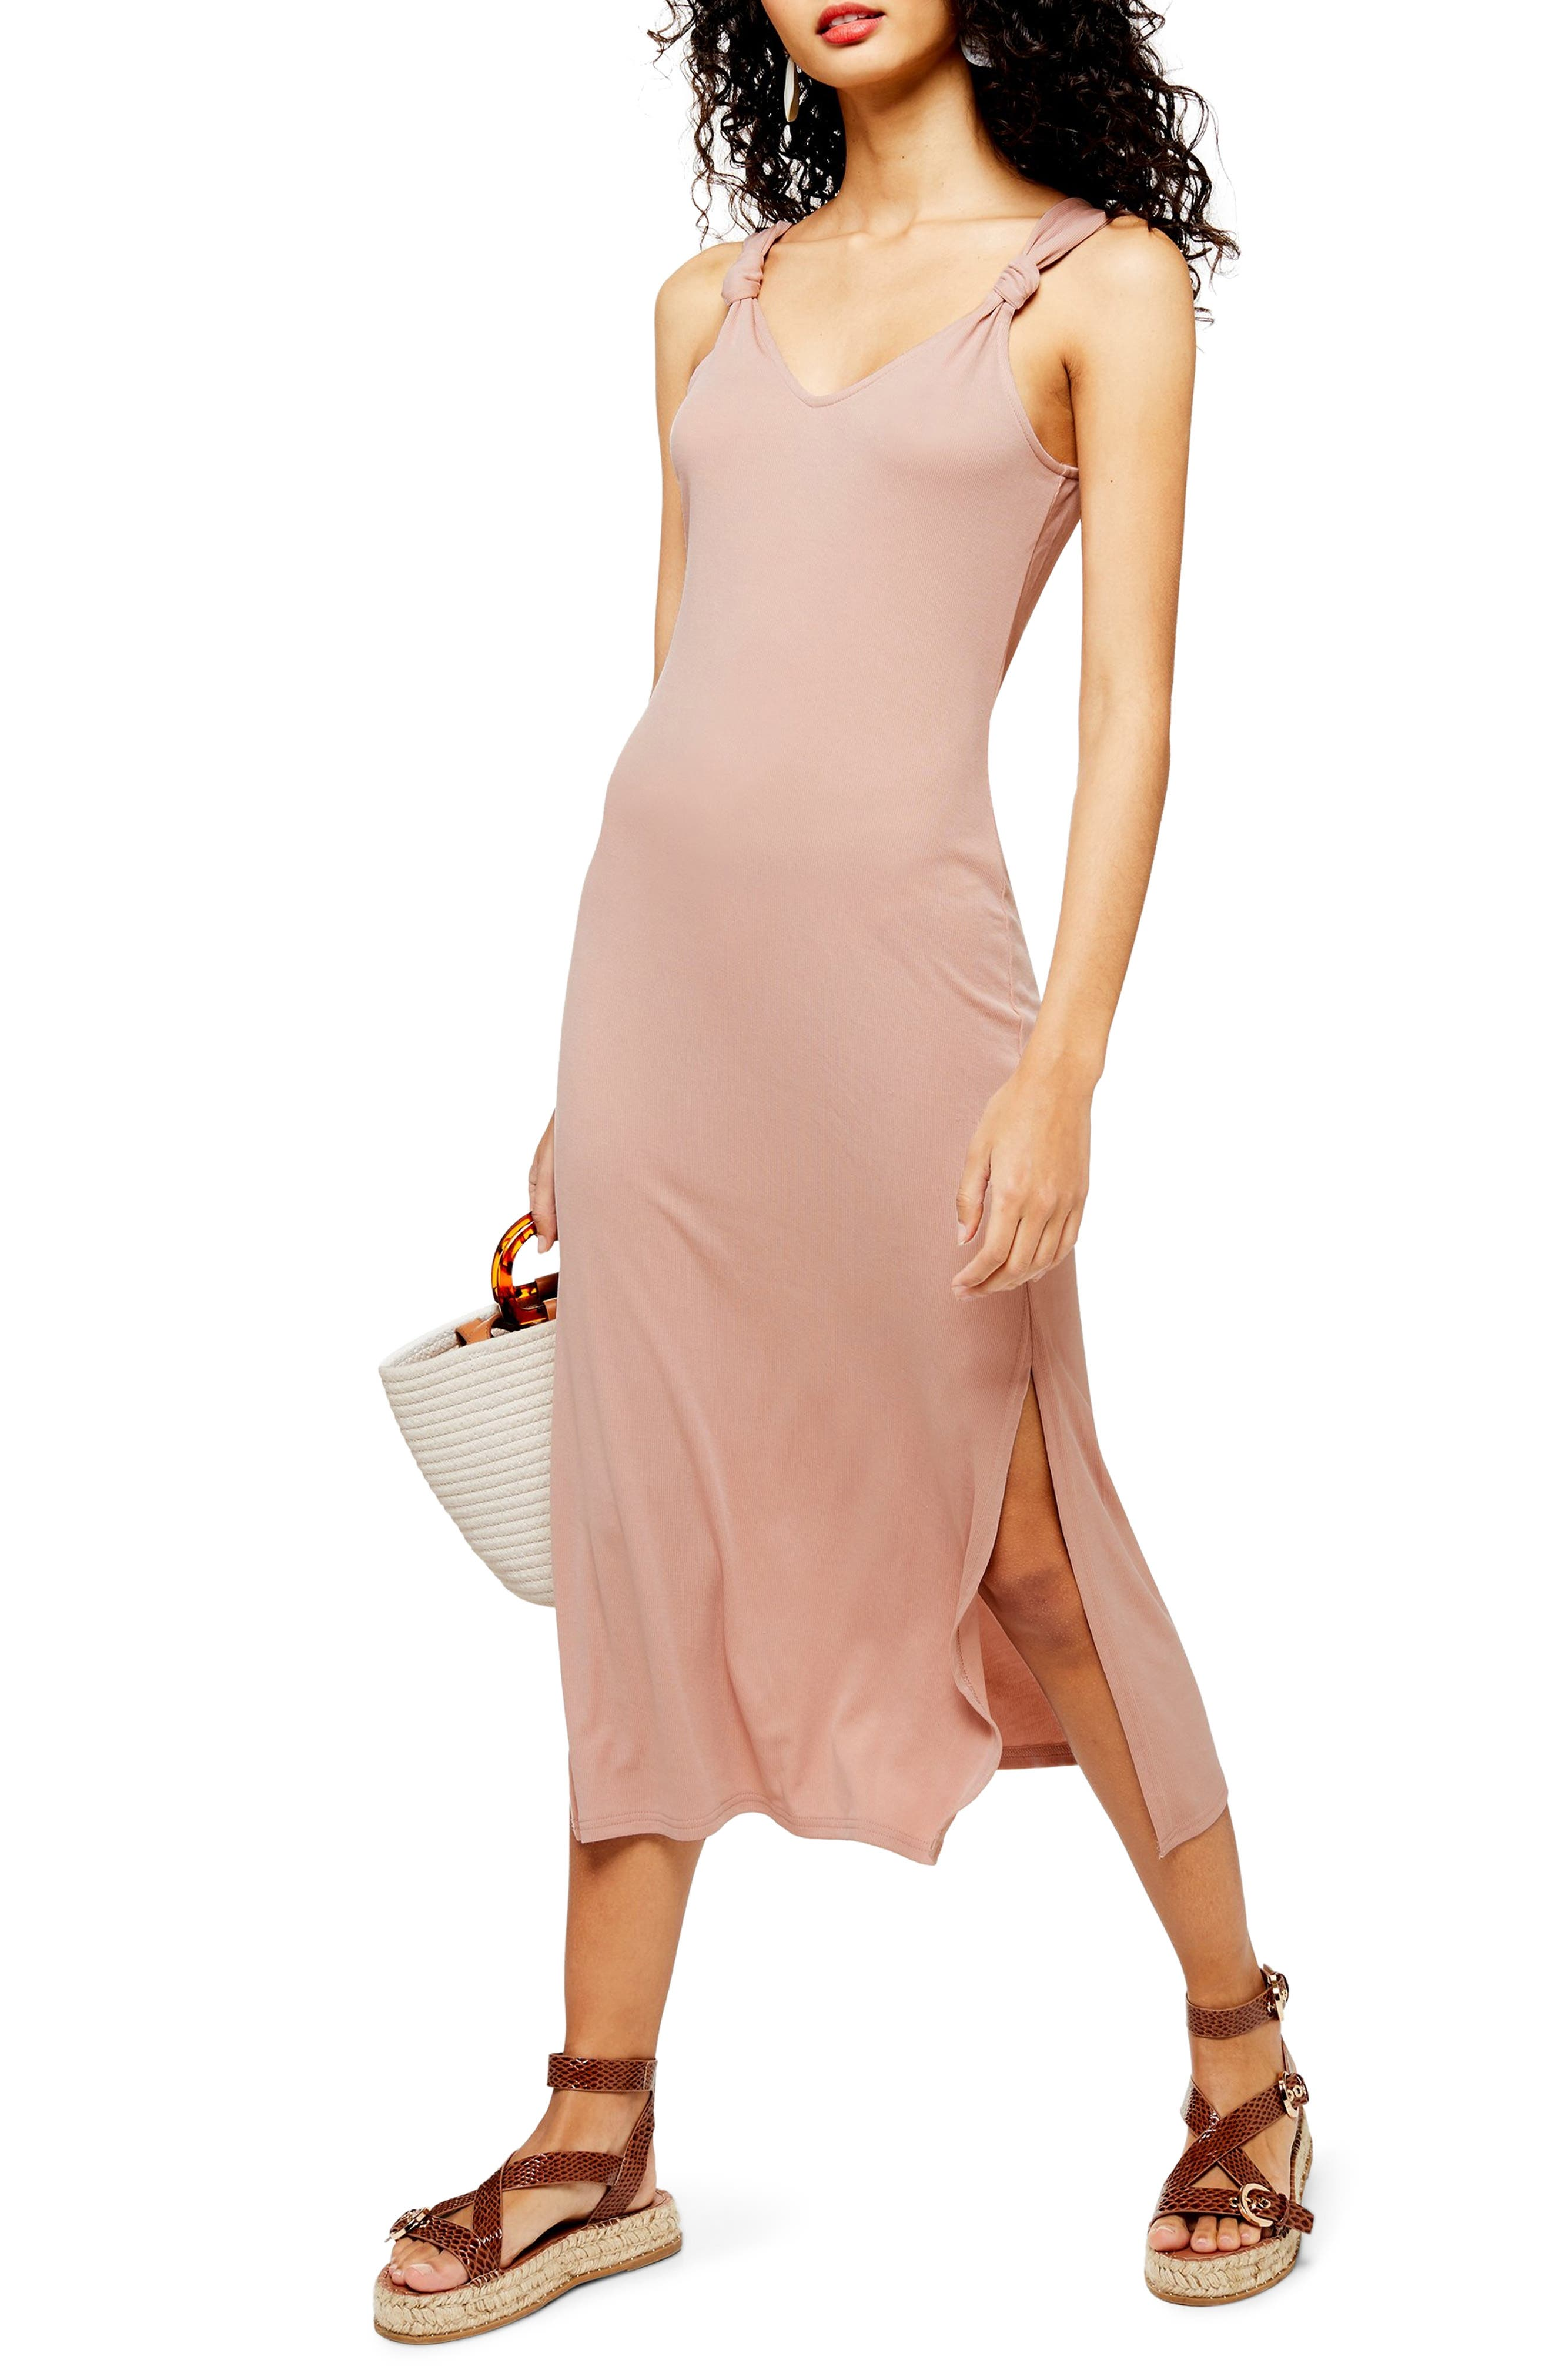 Topshop Midi Dress, US (fits like 0-2) - Brown